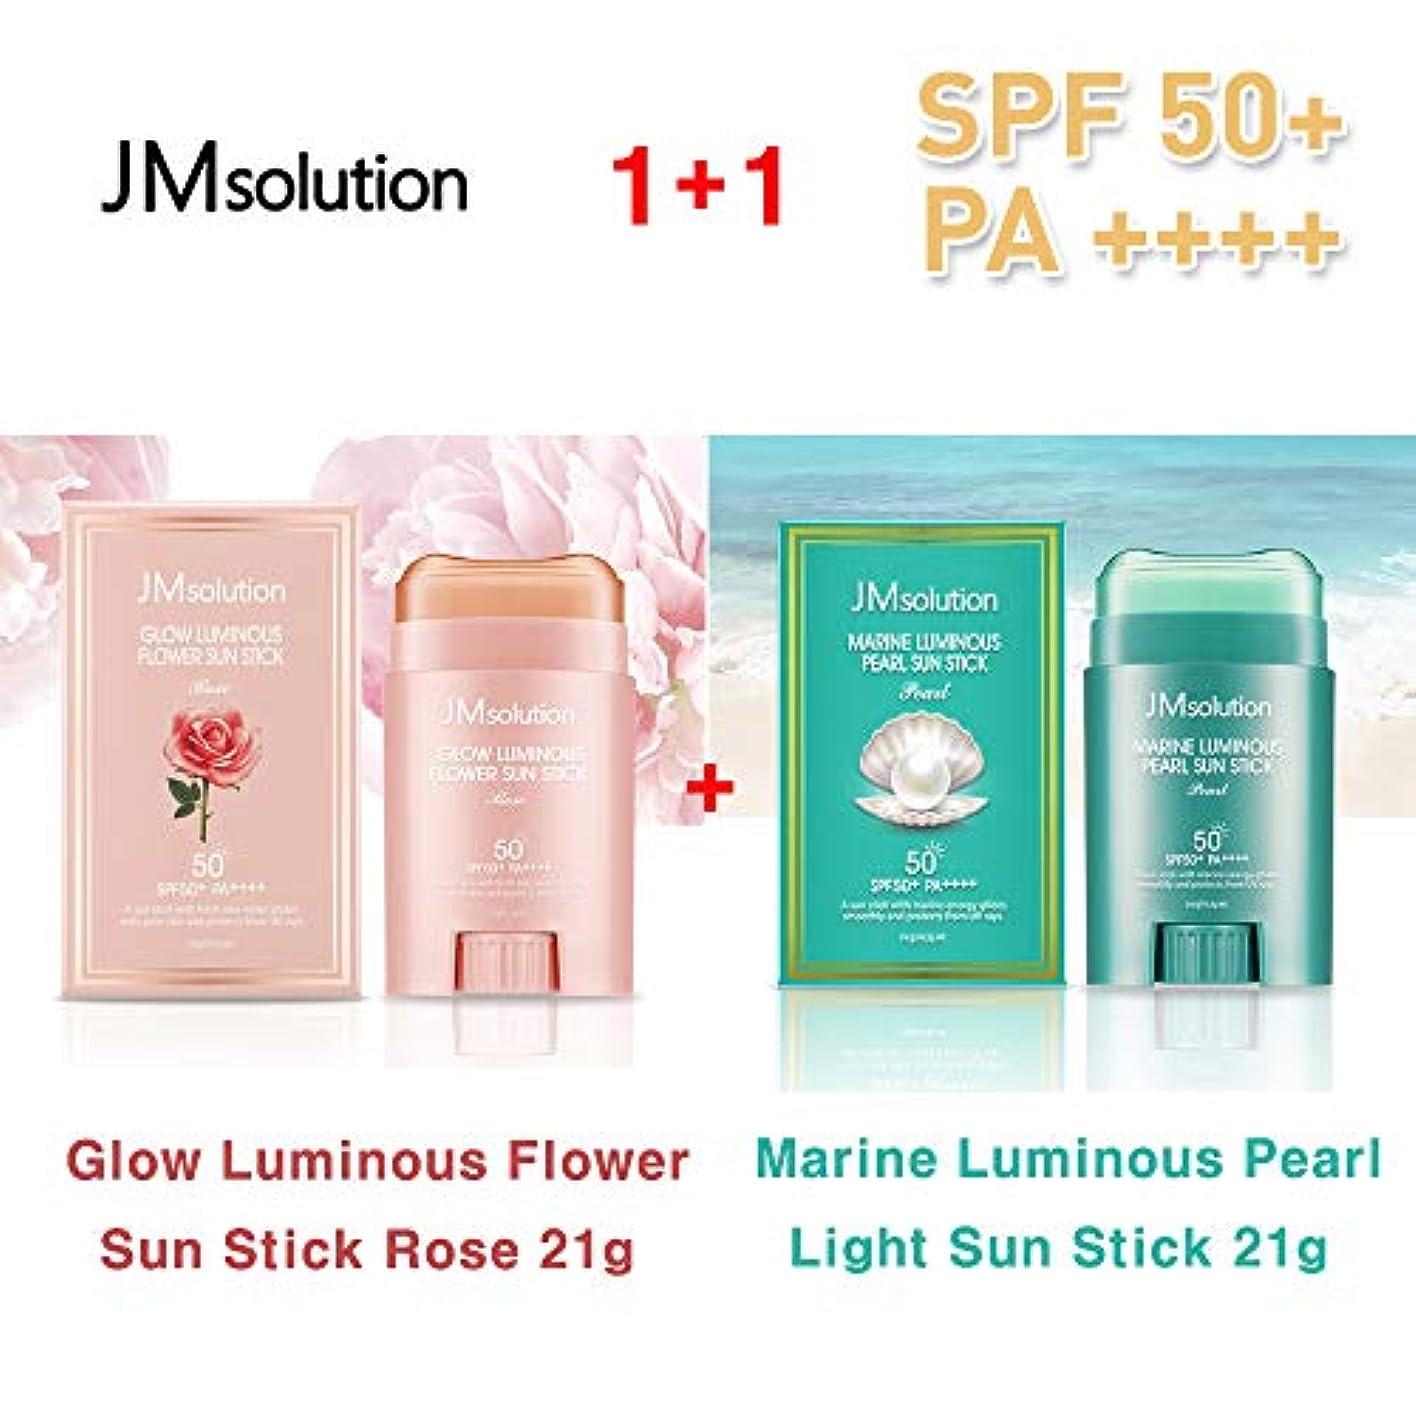 指令リムメモJM Solution ★1+1★ Glow Luminous Flower Sun Stick Rose 21g + Marine Luminous Pearl Light Sun Stick 21g / 光る輝く花Sun...